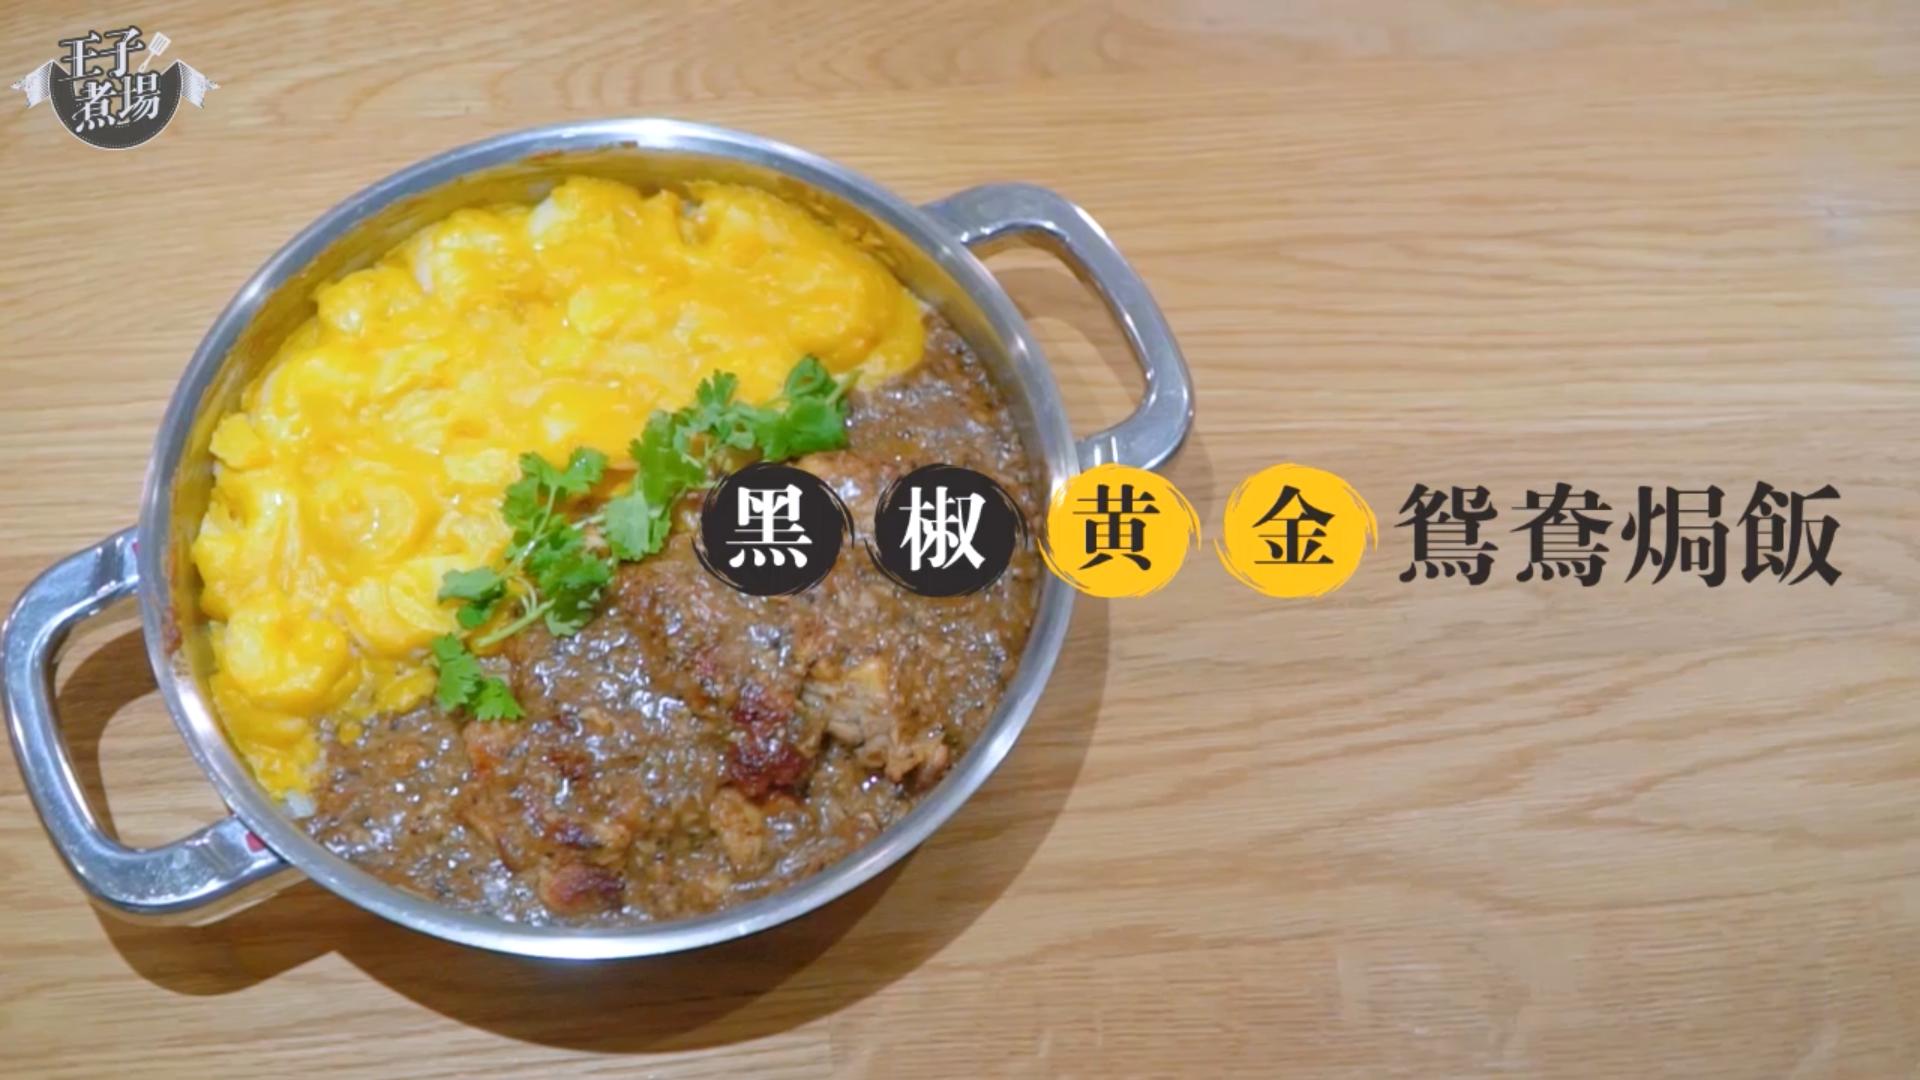 【有片】王子煮場 港式味道變奏 黑椒黃金鴛鴦飯